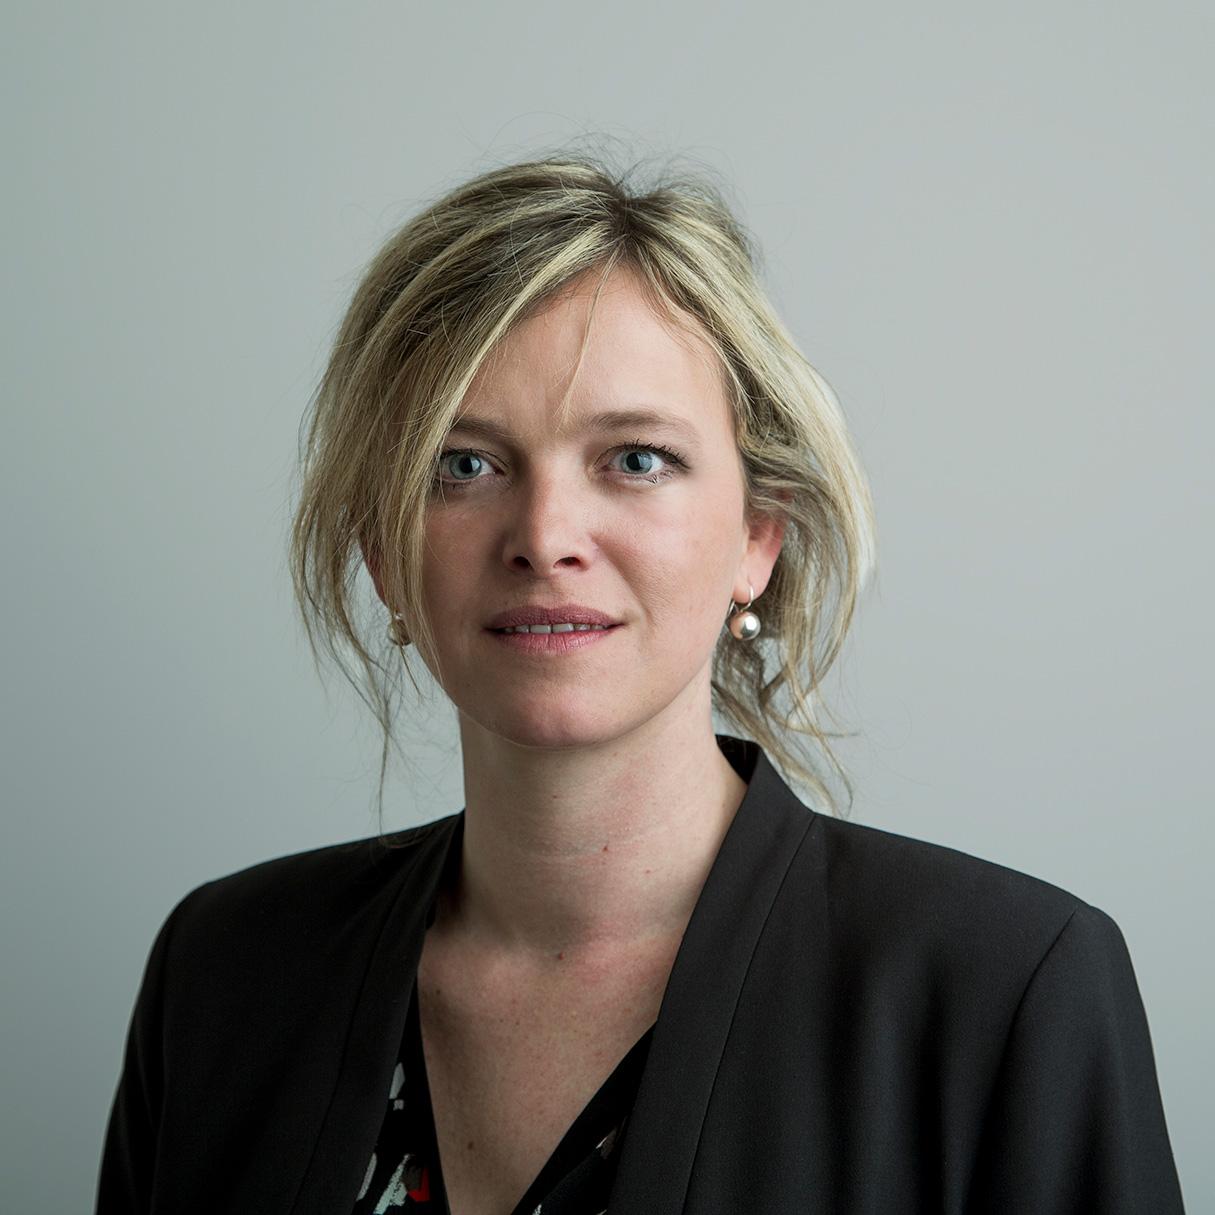 Charlotte Vuez, Avocat associée | Ellipse Avocats Avocats spécialisés en Droit du Travail et des Relations Sociales